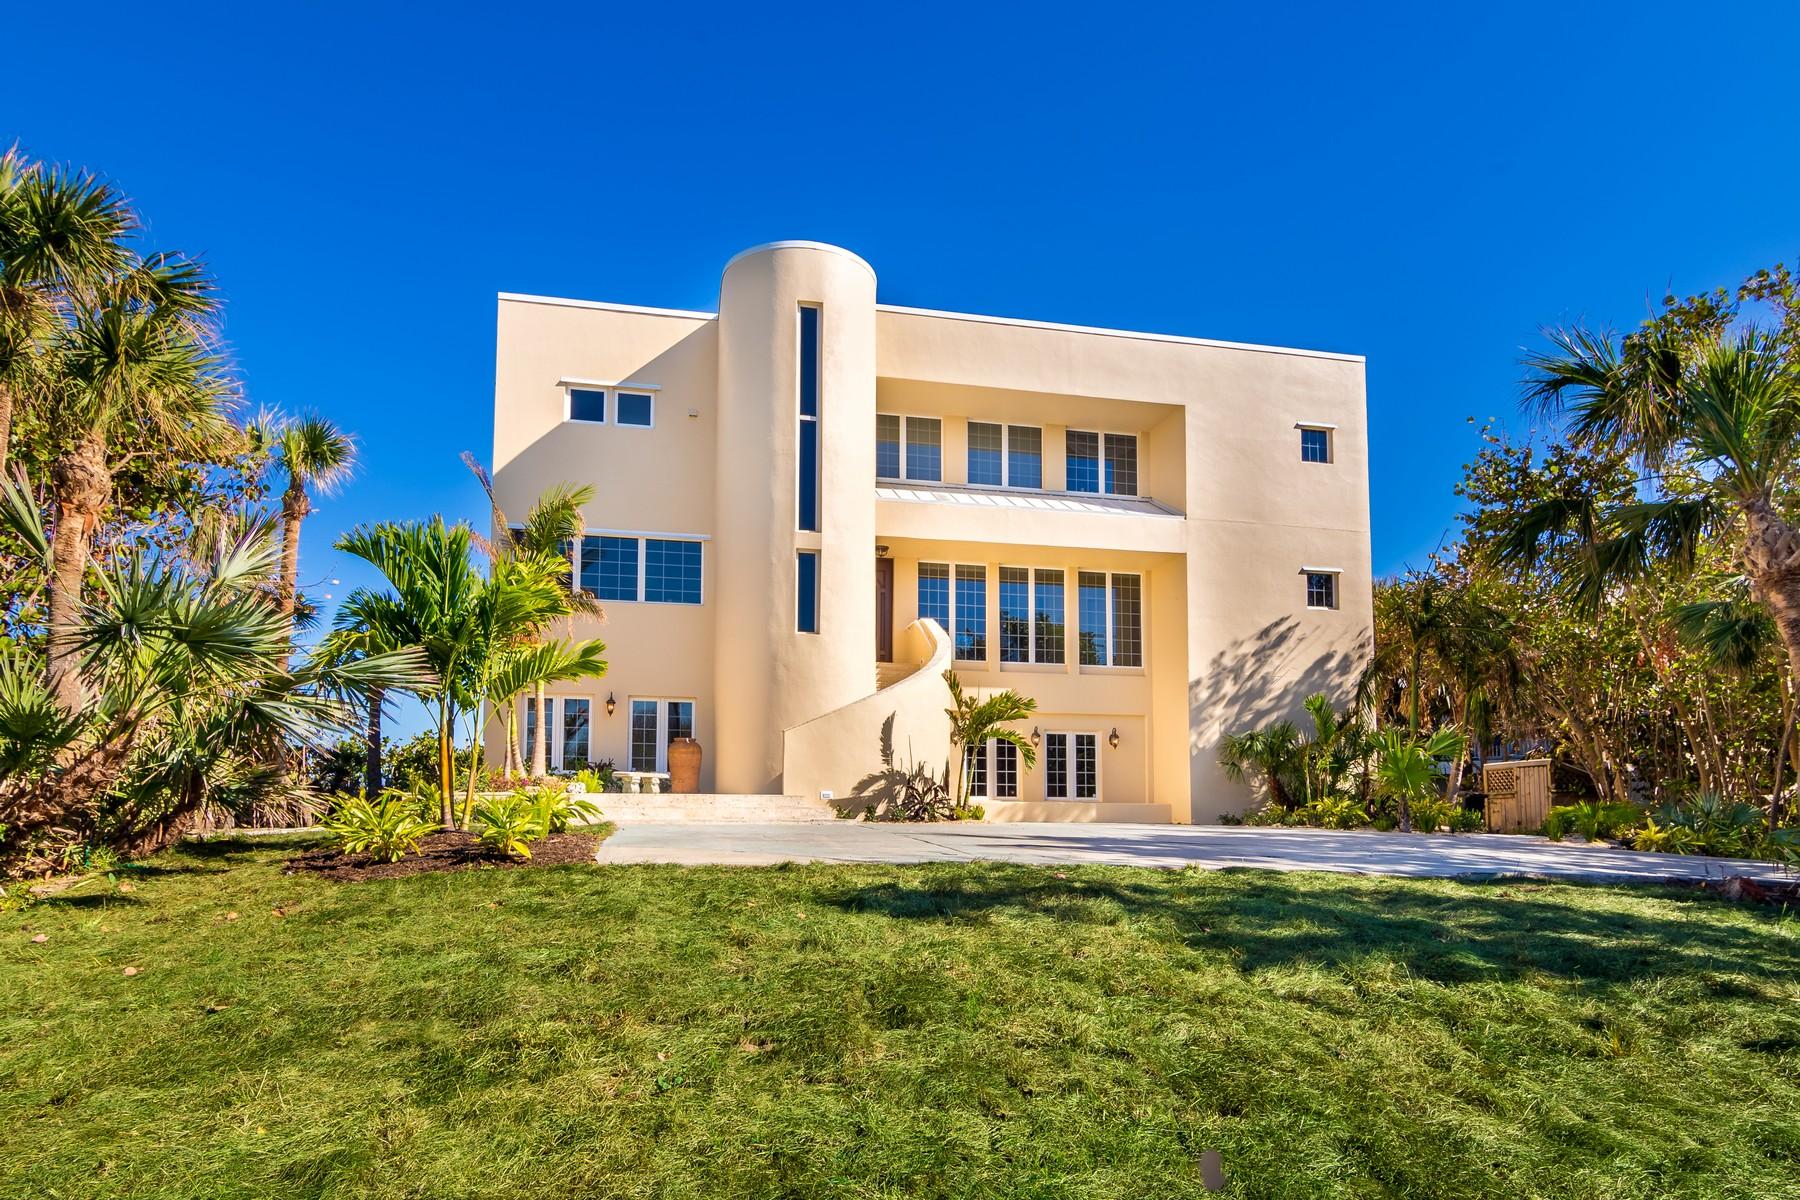 Maison unifamiliale pour l Vente à Unique Oceanfront Home with Panoramic Views 8875 HIGHWAY A1A Melbourne Beach, Florida, 32951 États-Unis